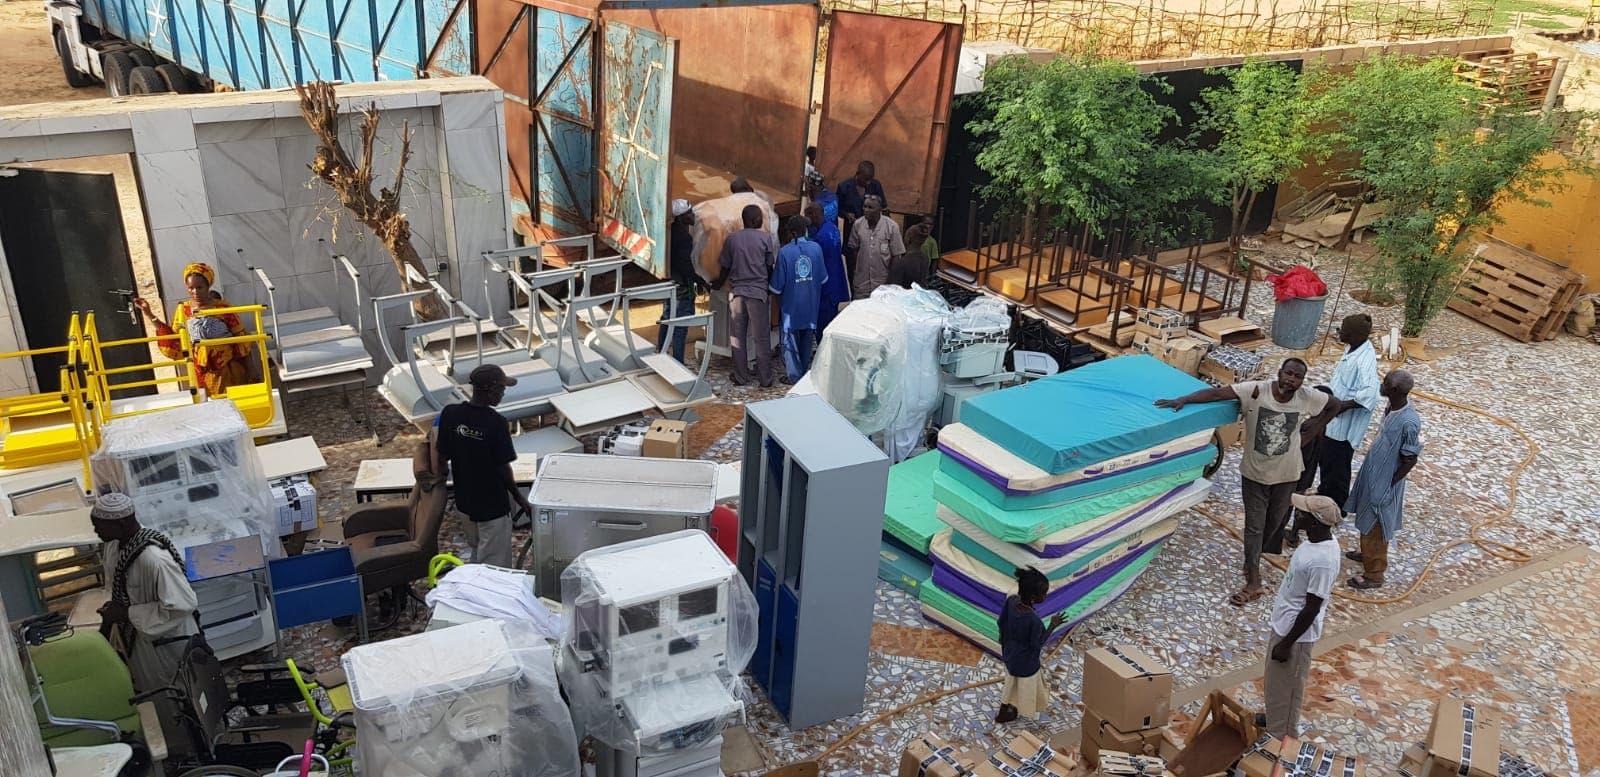 Groupe MDI Technologies mécène au Fouta, Don de Materiel Santé et Scolaire à Matam, Ogo, Thiancone, Fouta, Sénégal (12)